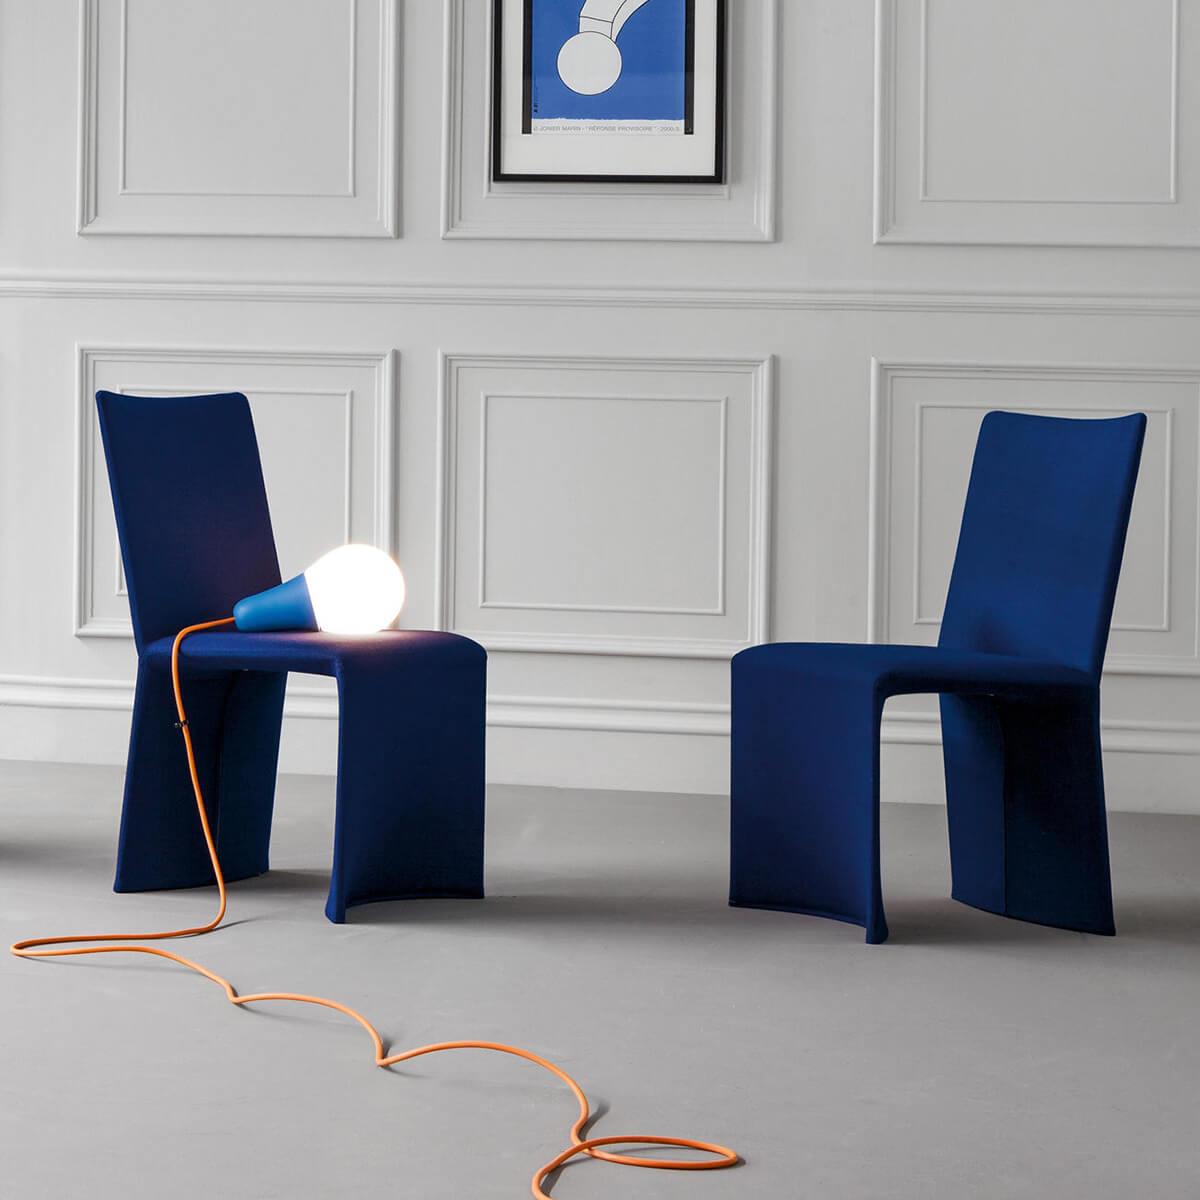 Трапезен стол Ketch от Bonaldo, Италия